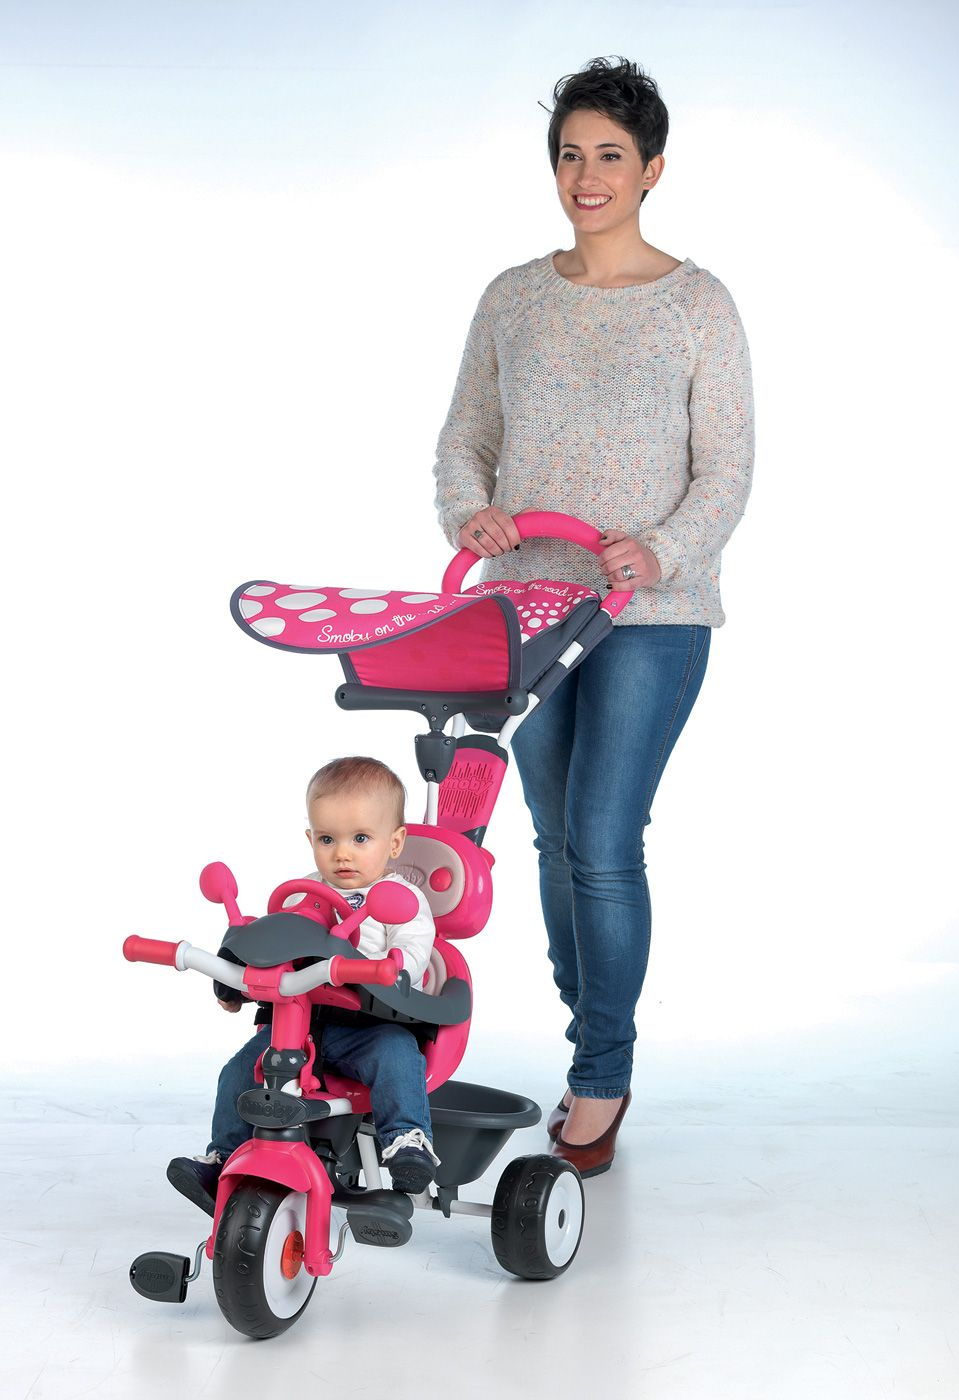 b47f544e42ea2 Detská trojkolka Baby Driver je najmodernejšia trojkolka pre deti vyrobená  vo Francúzsku. Trojkolka #Smoby má krásne ružové sfarbenie v kombinácii so  šedou ...